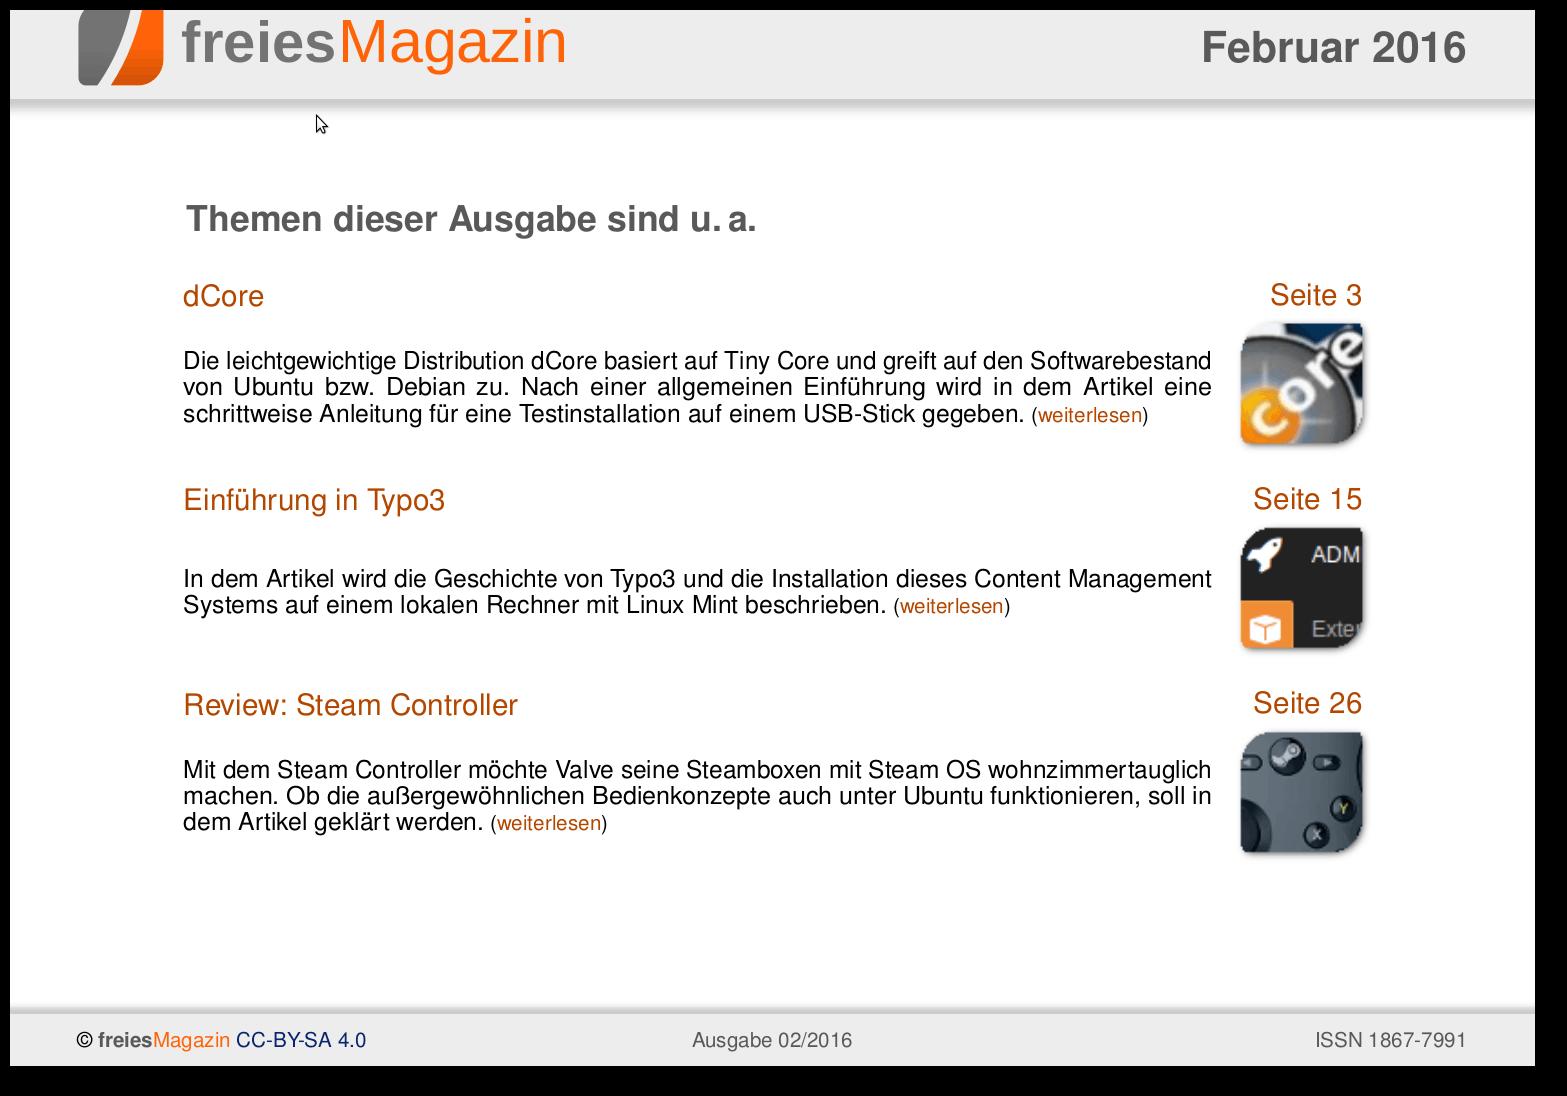 freiesMagazin 02/2016 Titelseite